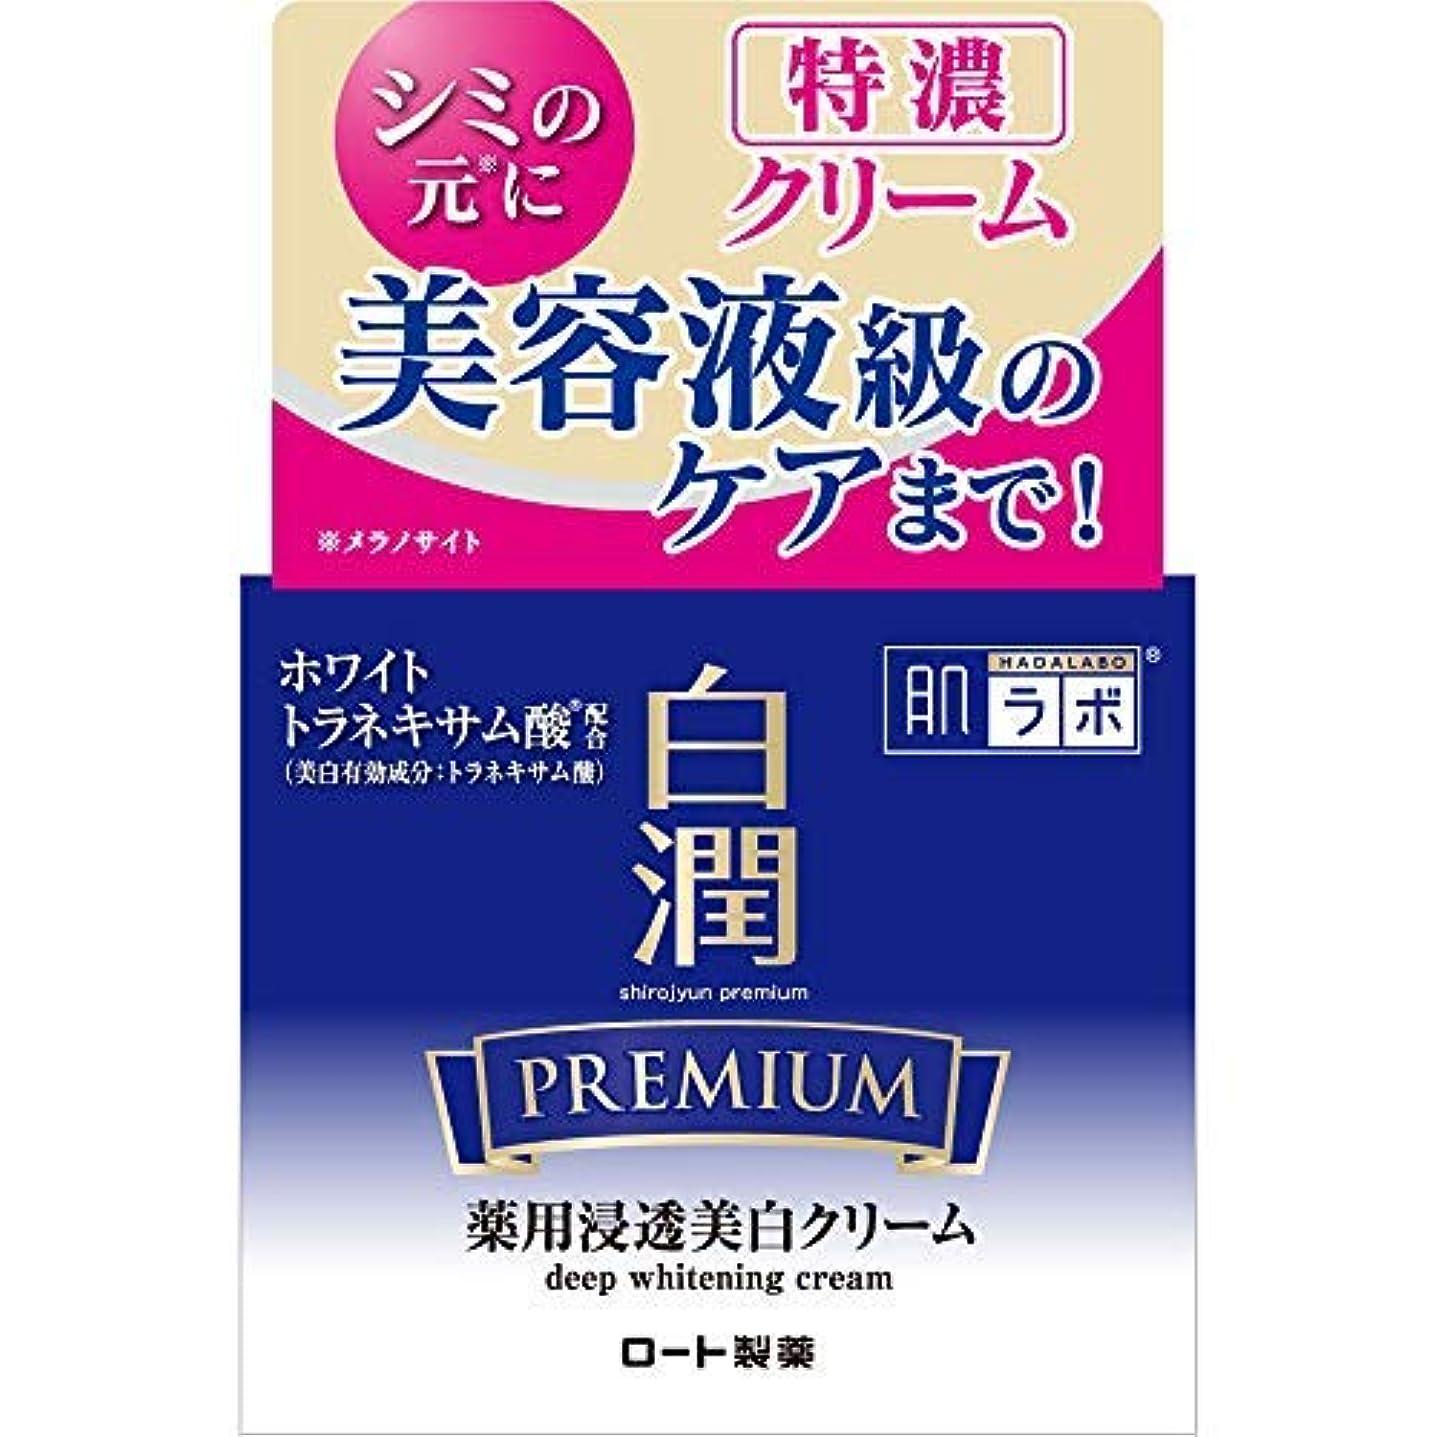 用量隣接するコンパス肌ラボ 白潤プレミアム 薬用浸透美白クリーム × 2個セット